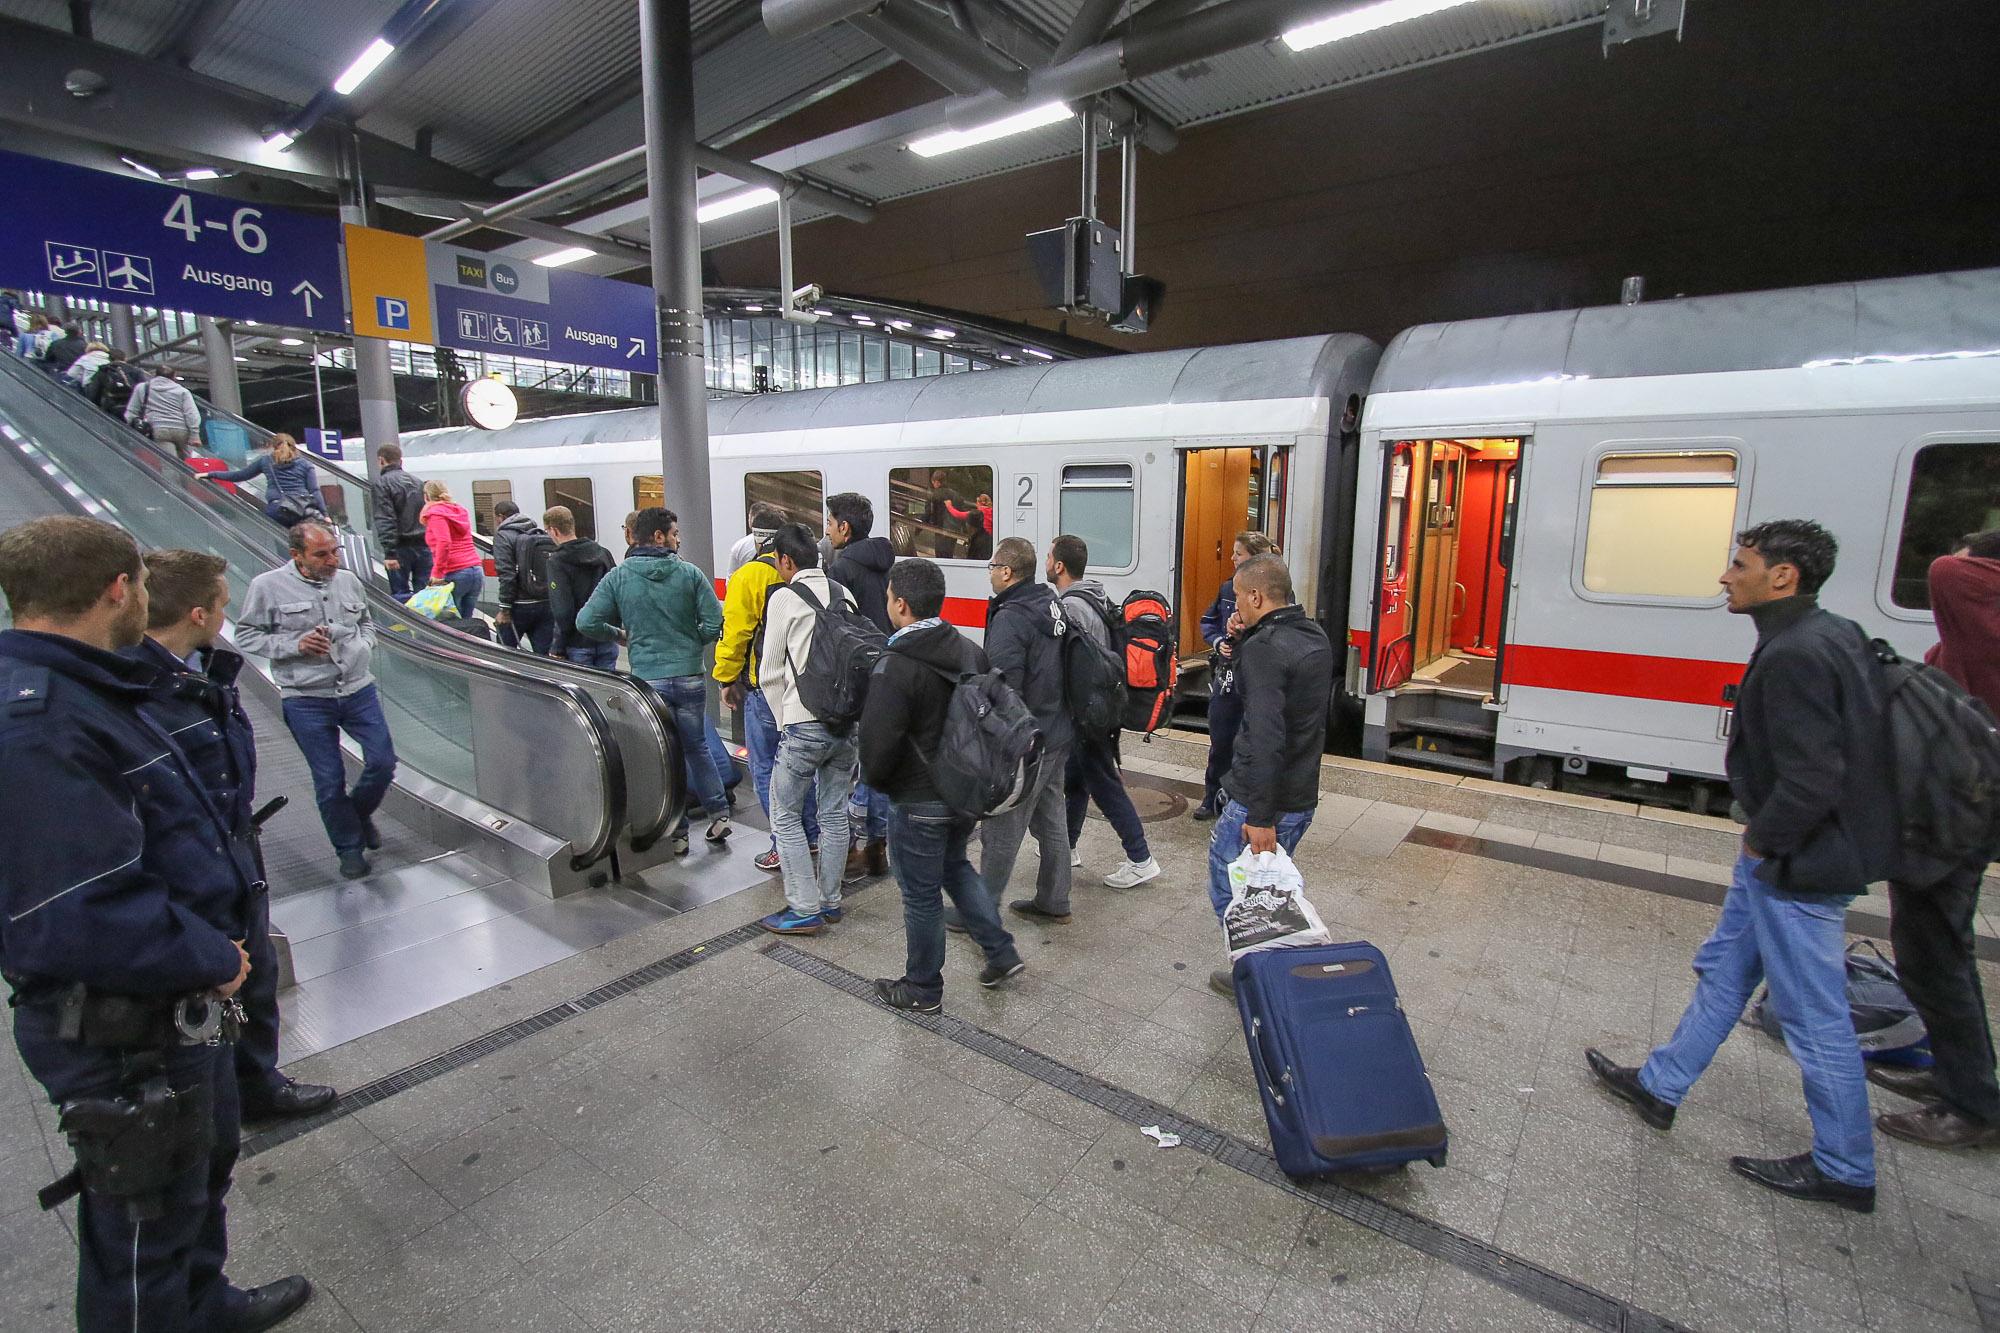 Weitere Flüchtlinge erreichen Düsseldorf In der Nacht zu Montag